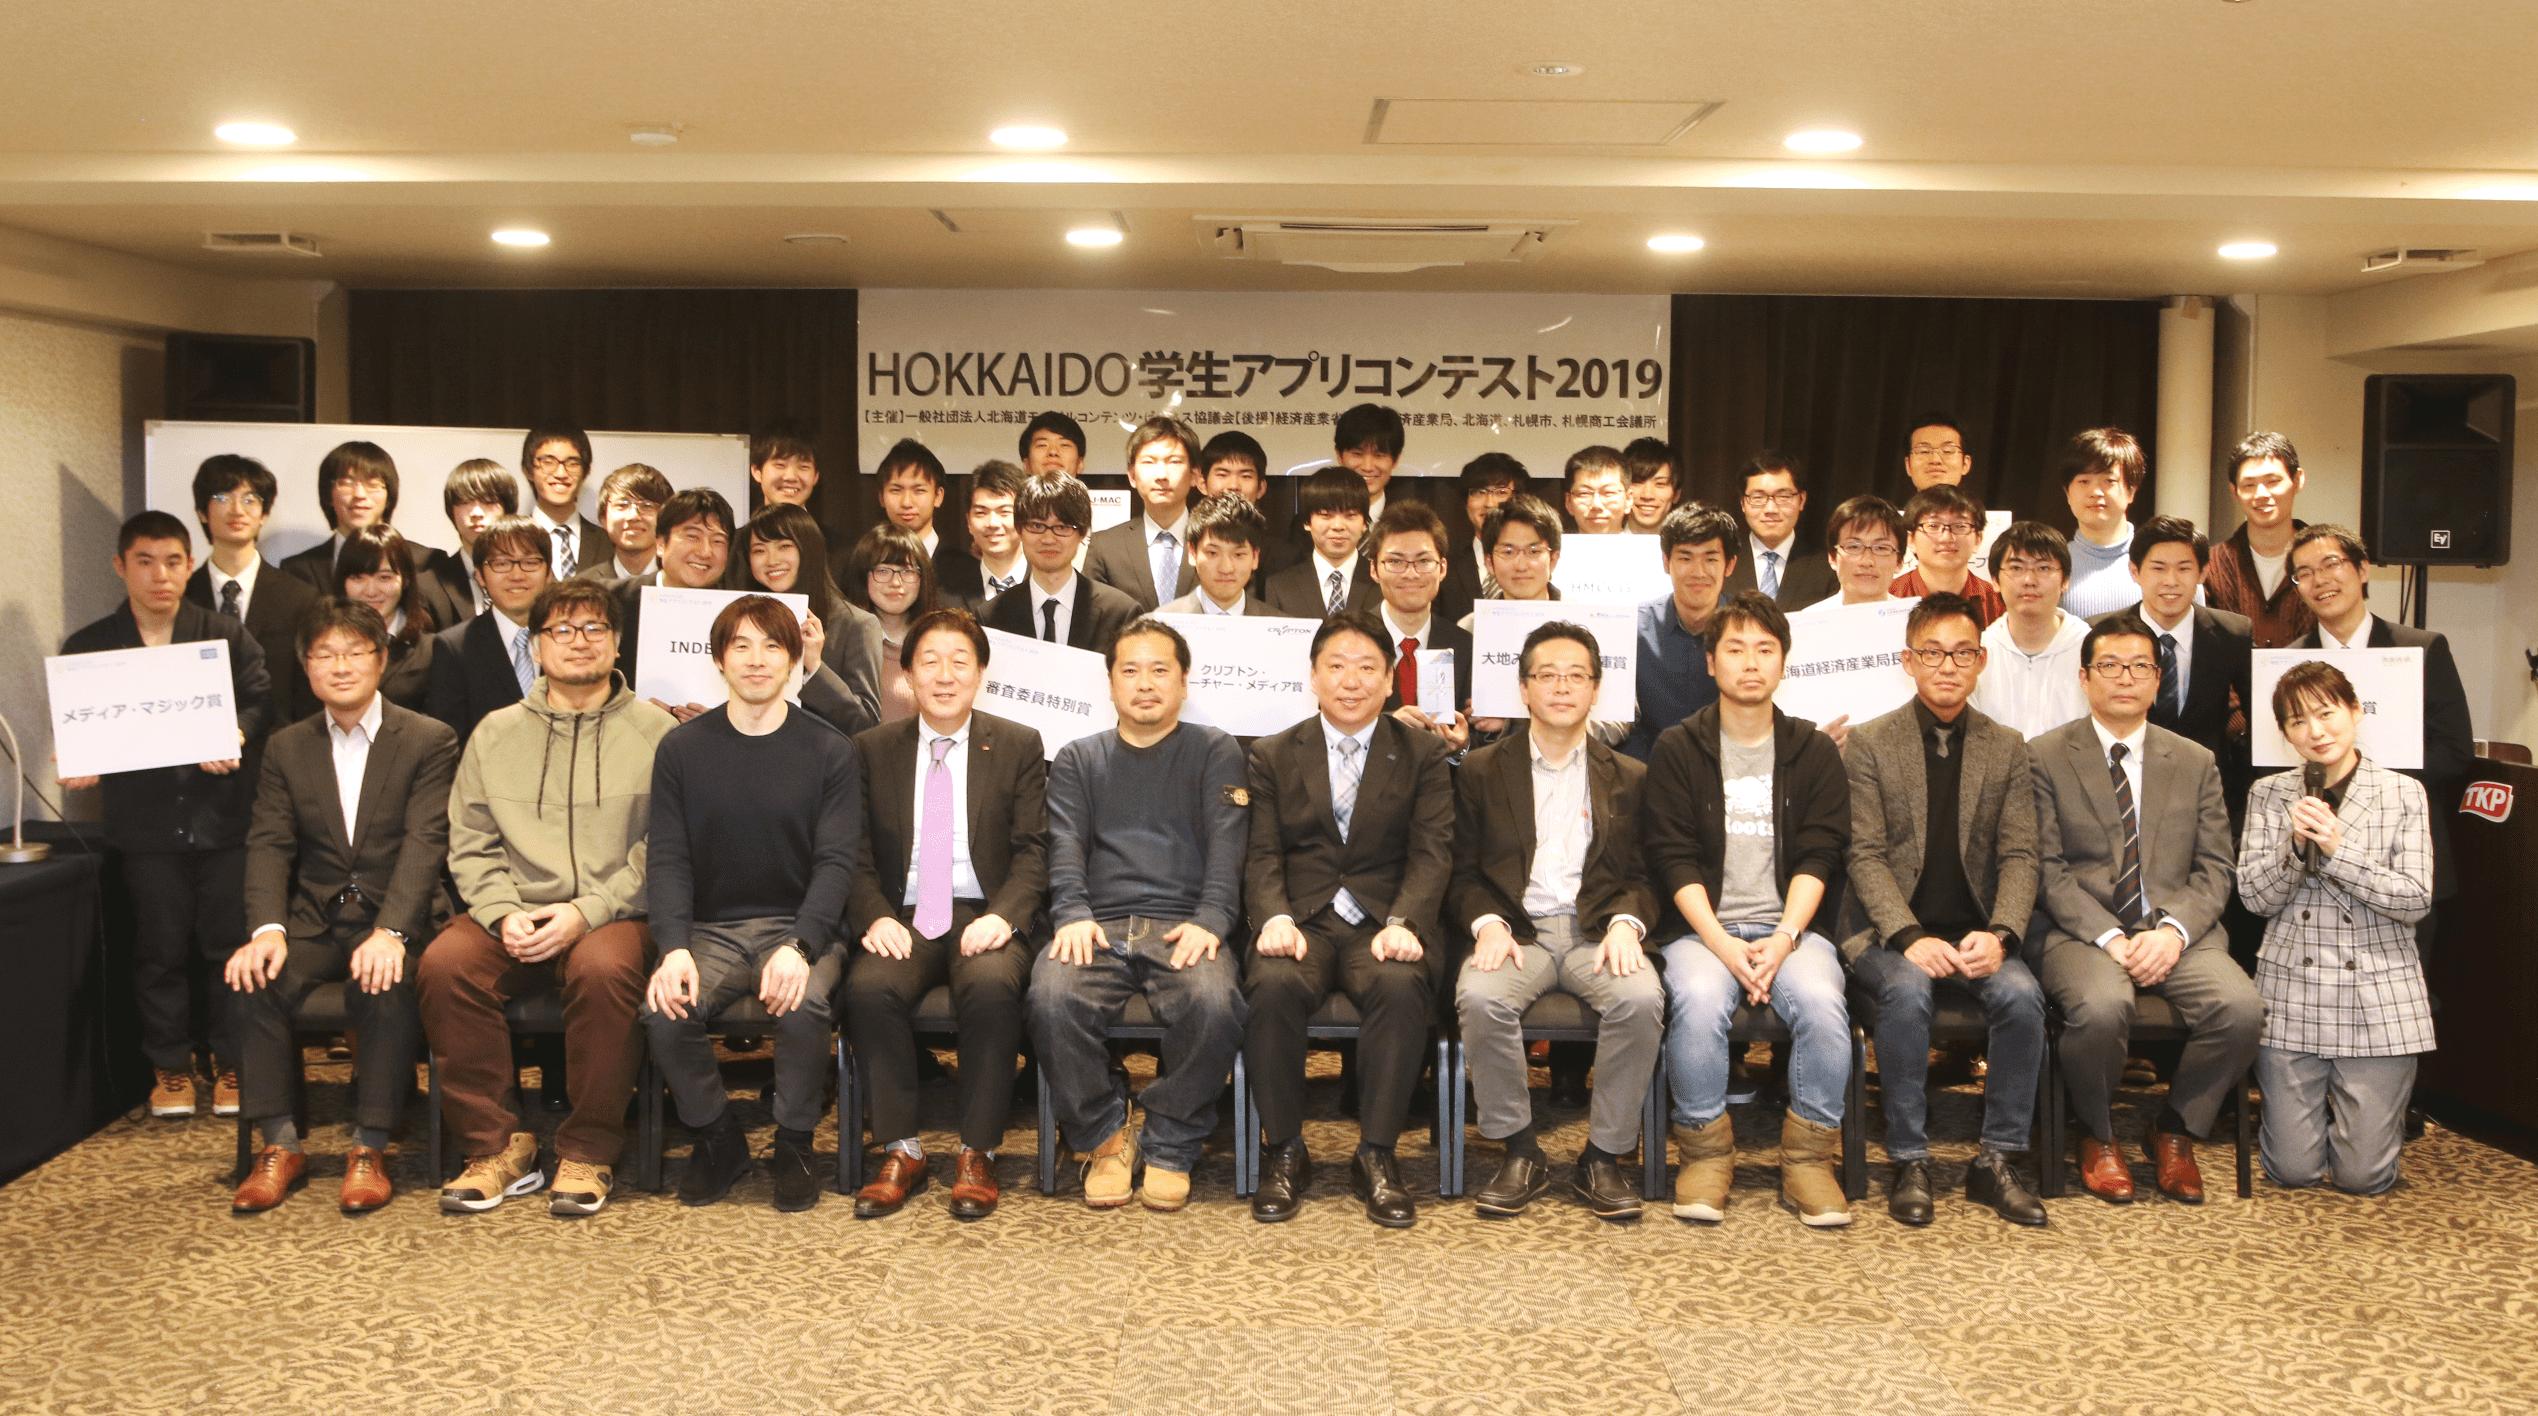 北海道学生アプリコンテスト2019 結果発表